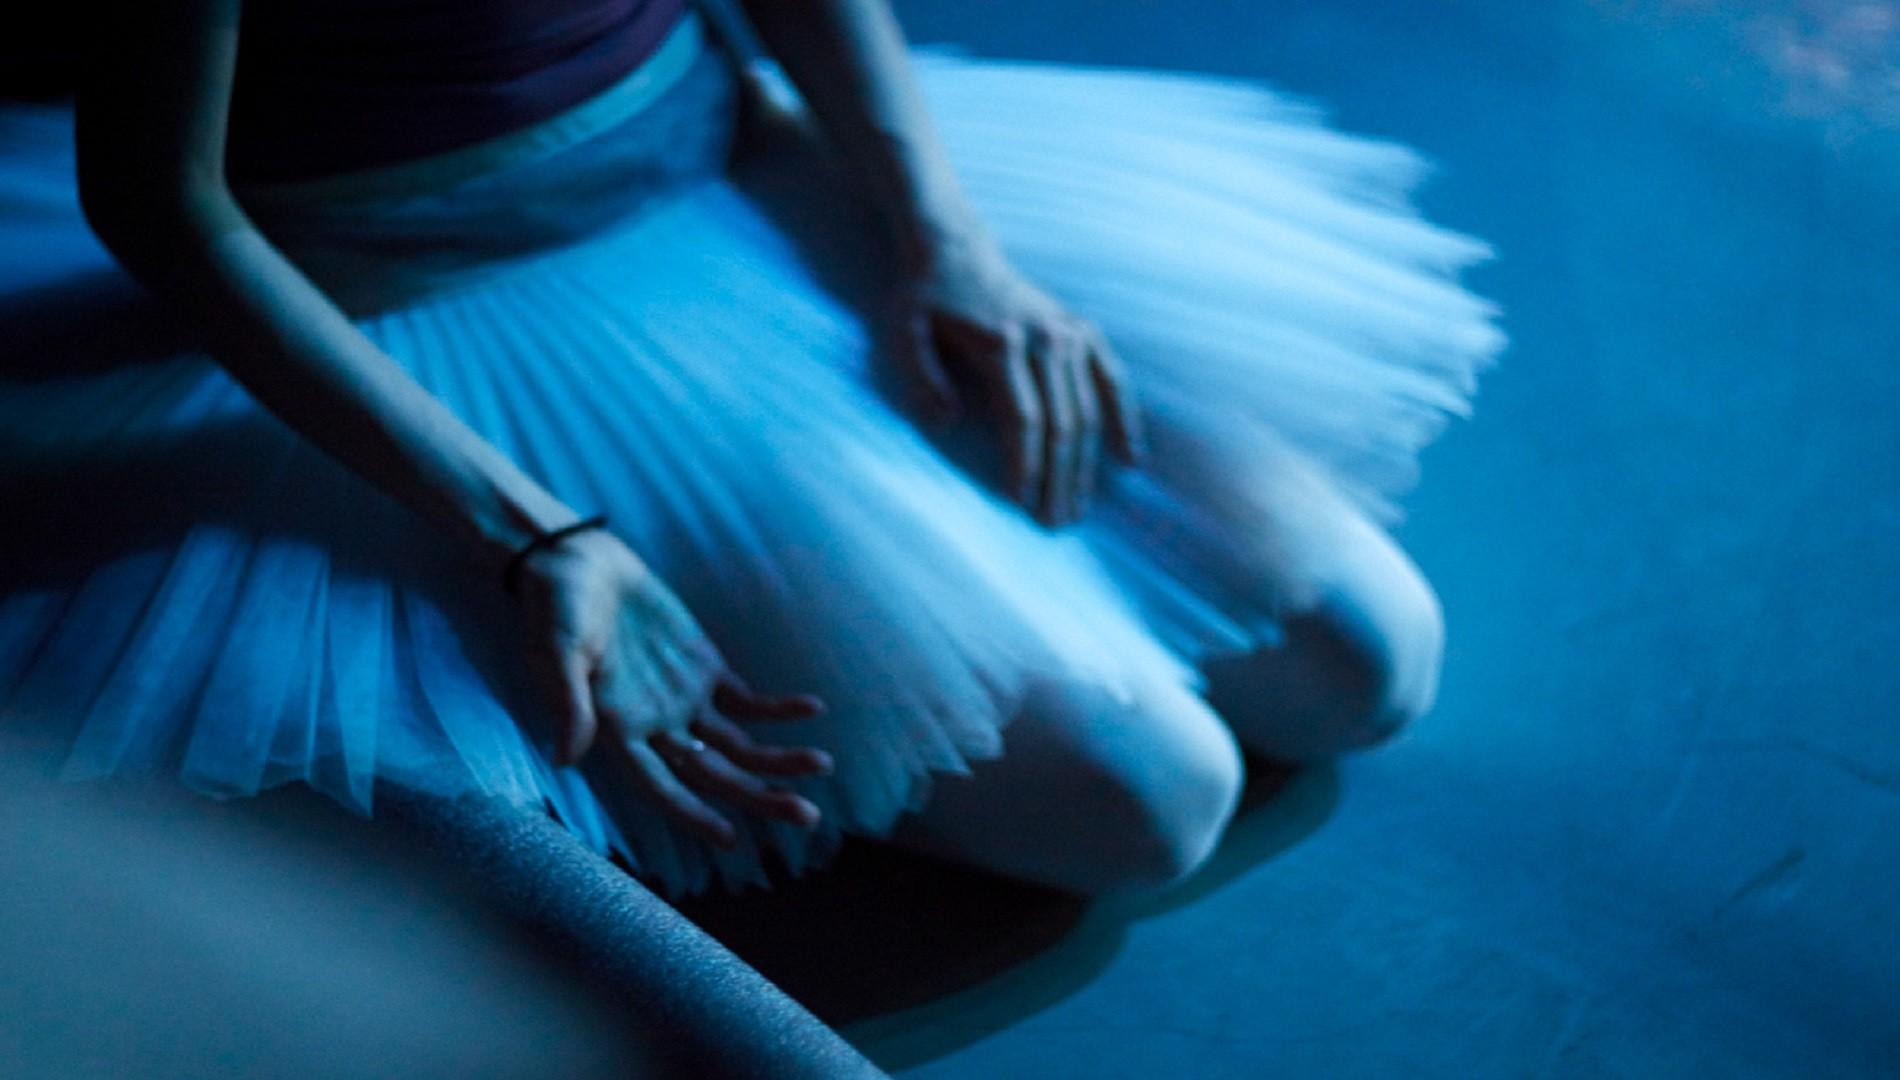 La vida de las bailarinas está llena de esfuerzos y sacrificios.